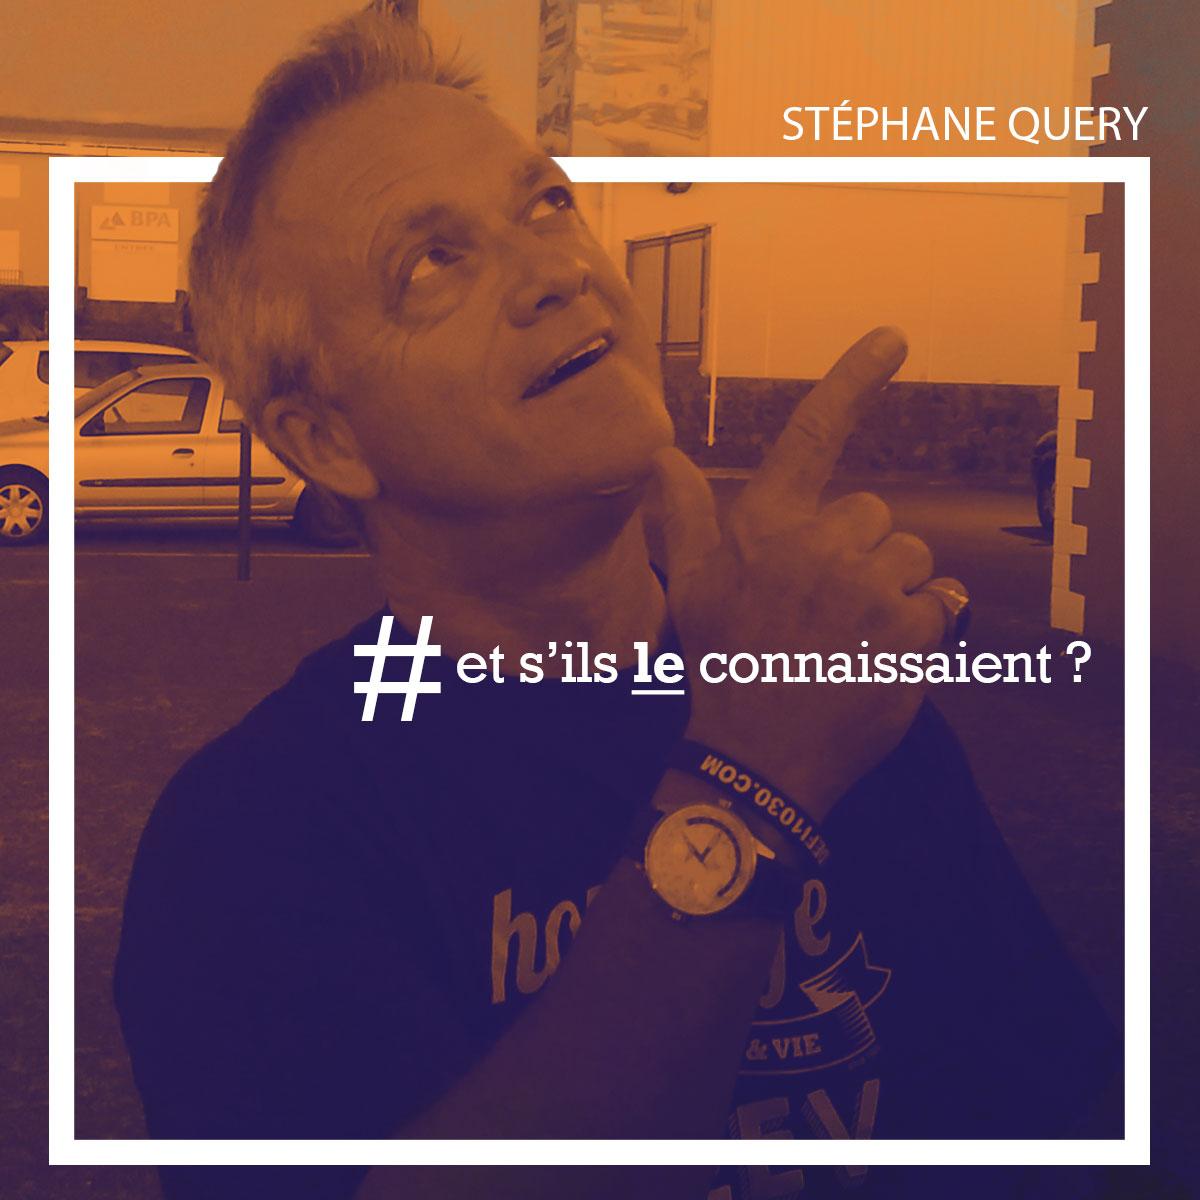 Stephane_Query